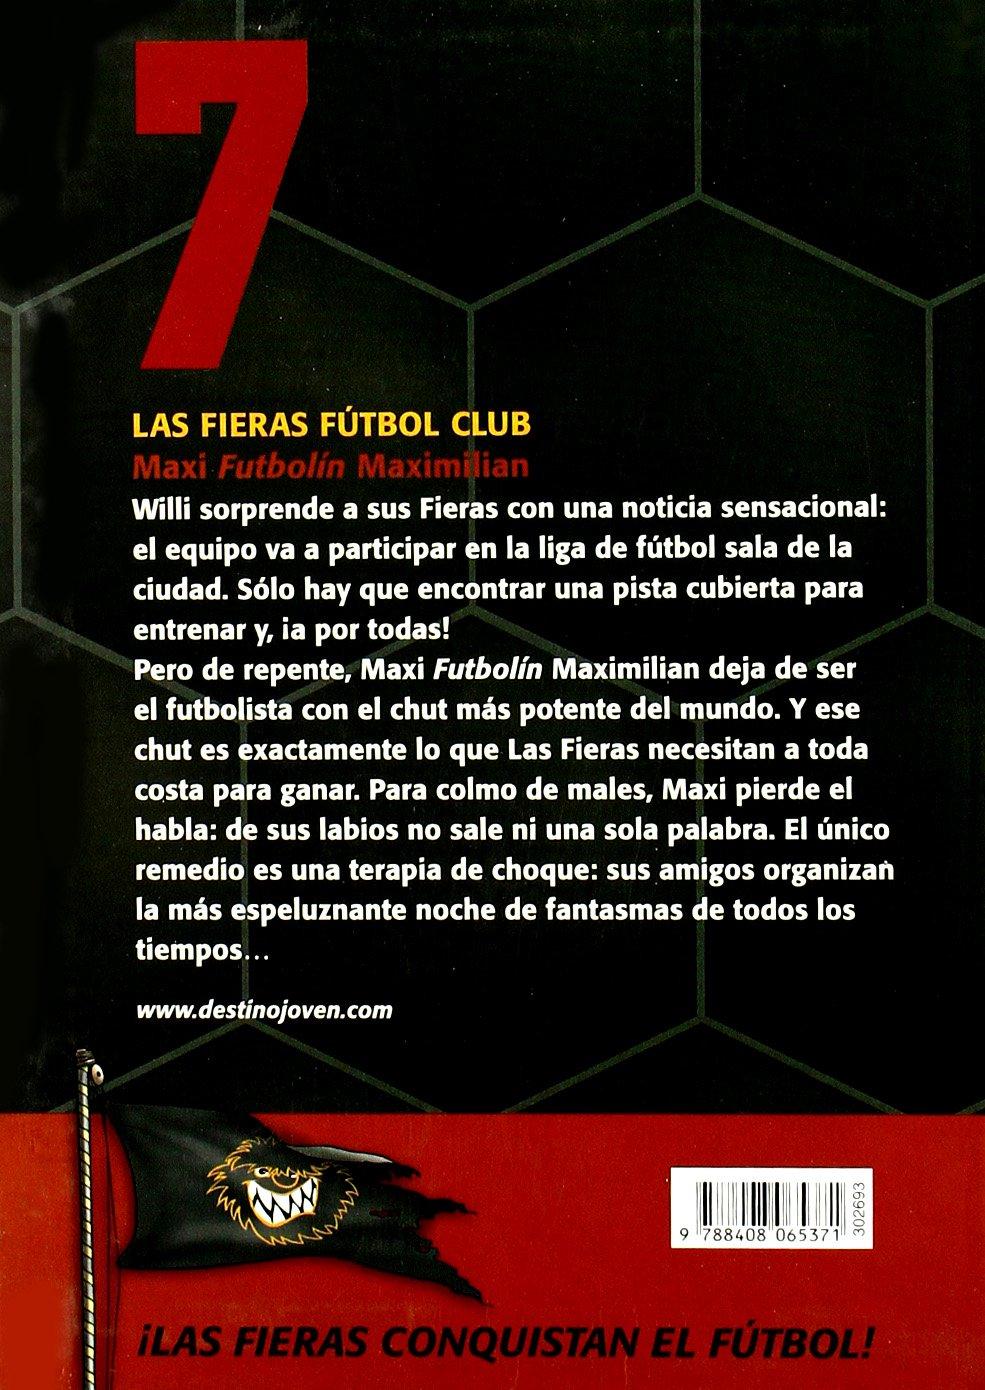 Maxi Futbolín Maximilian: Las Fieras del Fútbol Club 7 Las Fieras Futbol Club: Amazon.es: Masannek, Joachim: Libros